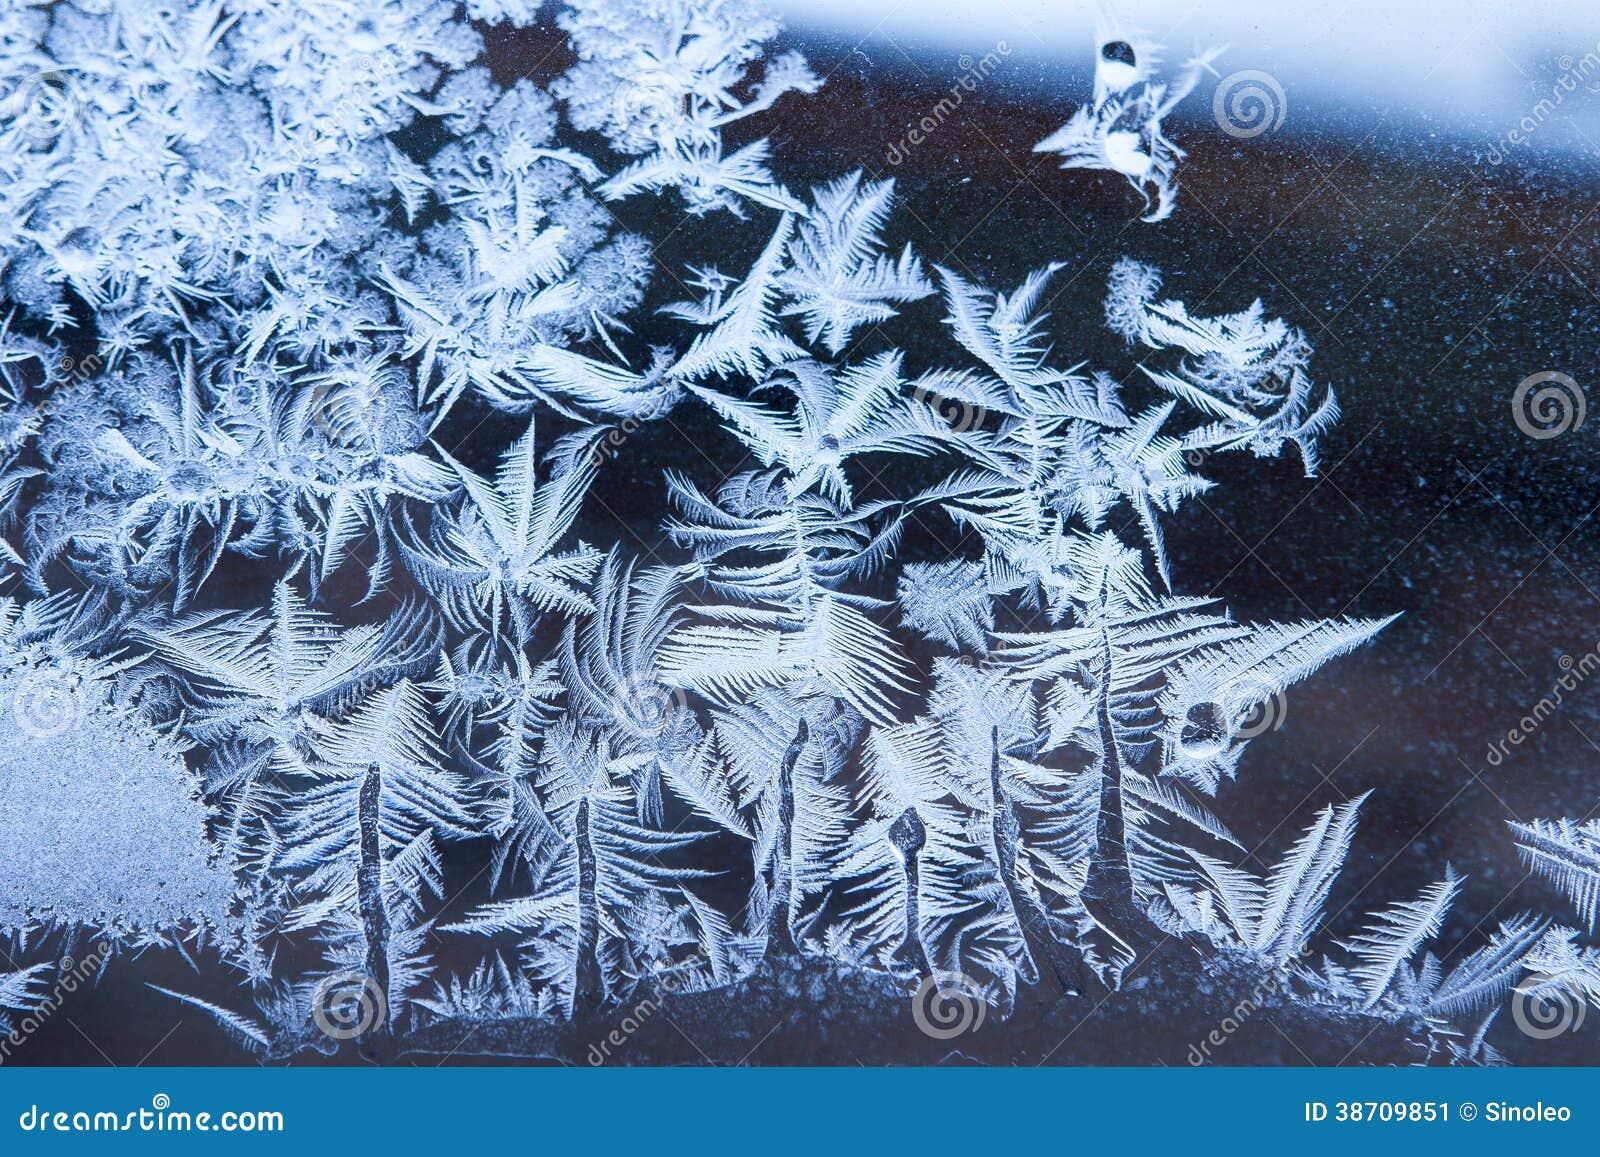 fond bleu de fleur de glace image stock - image: 38709851